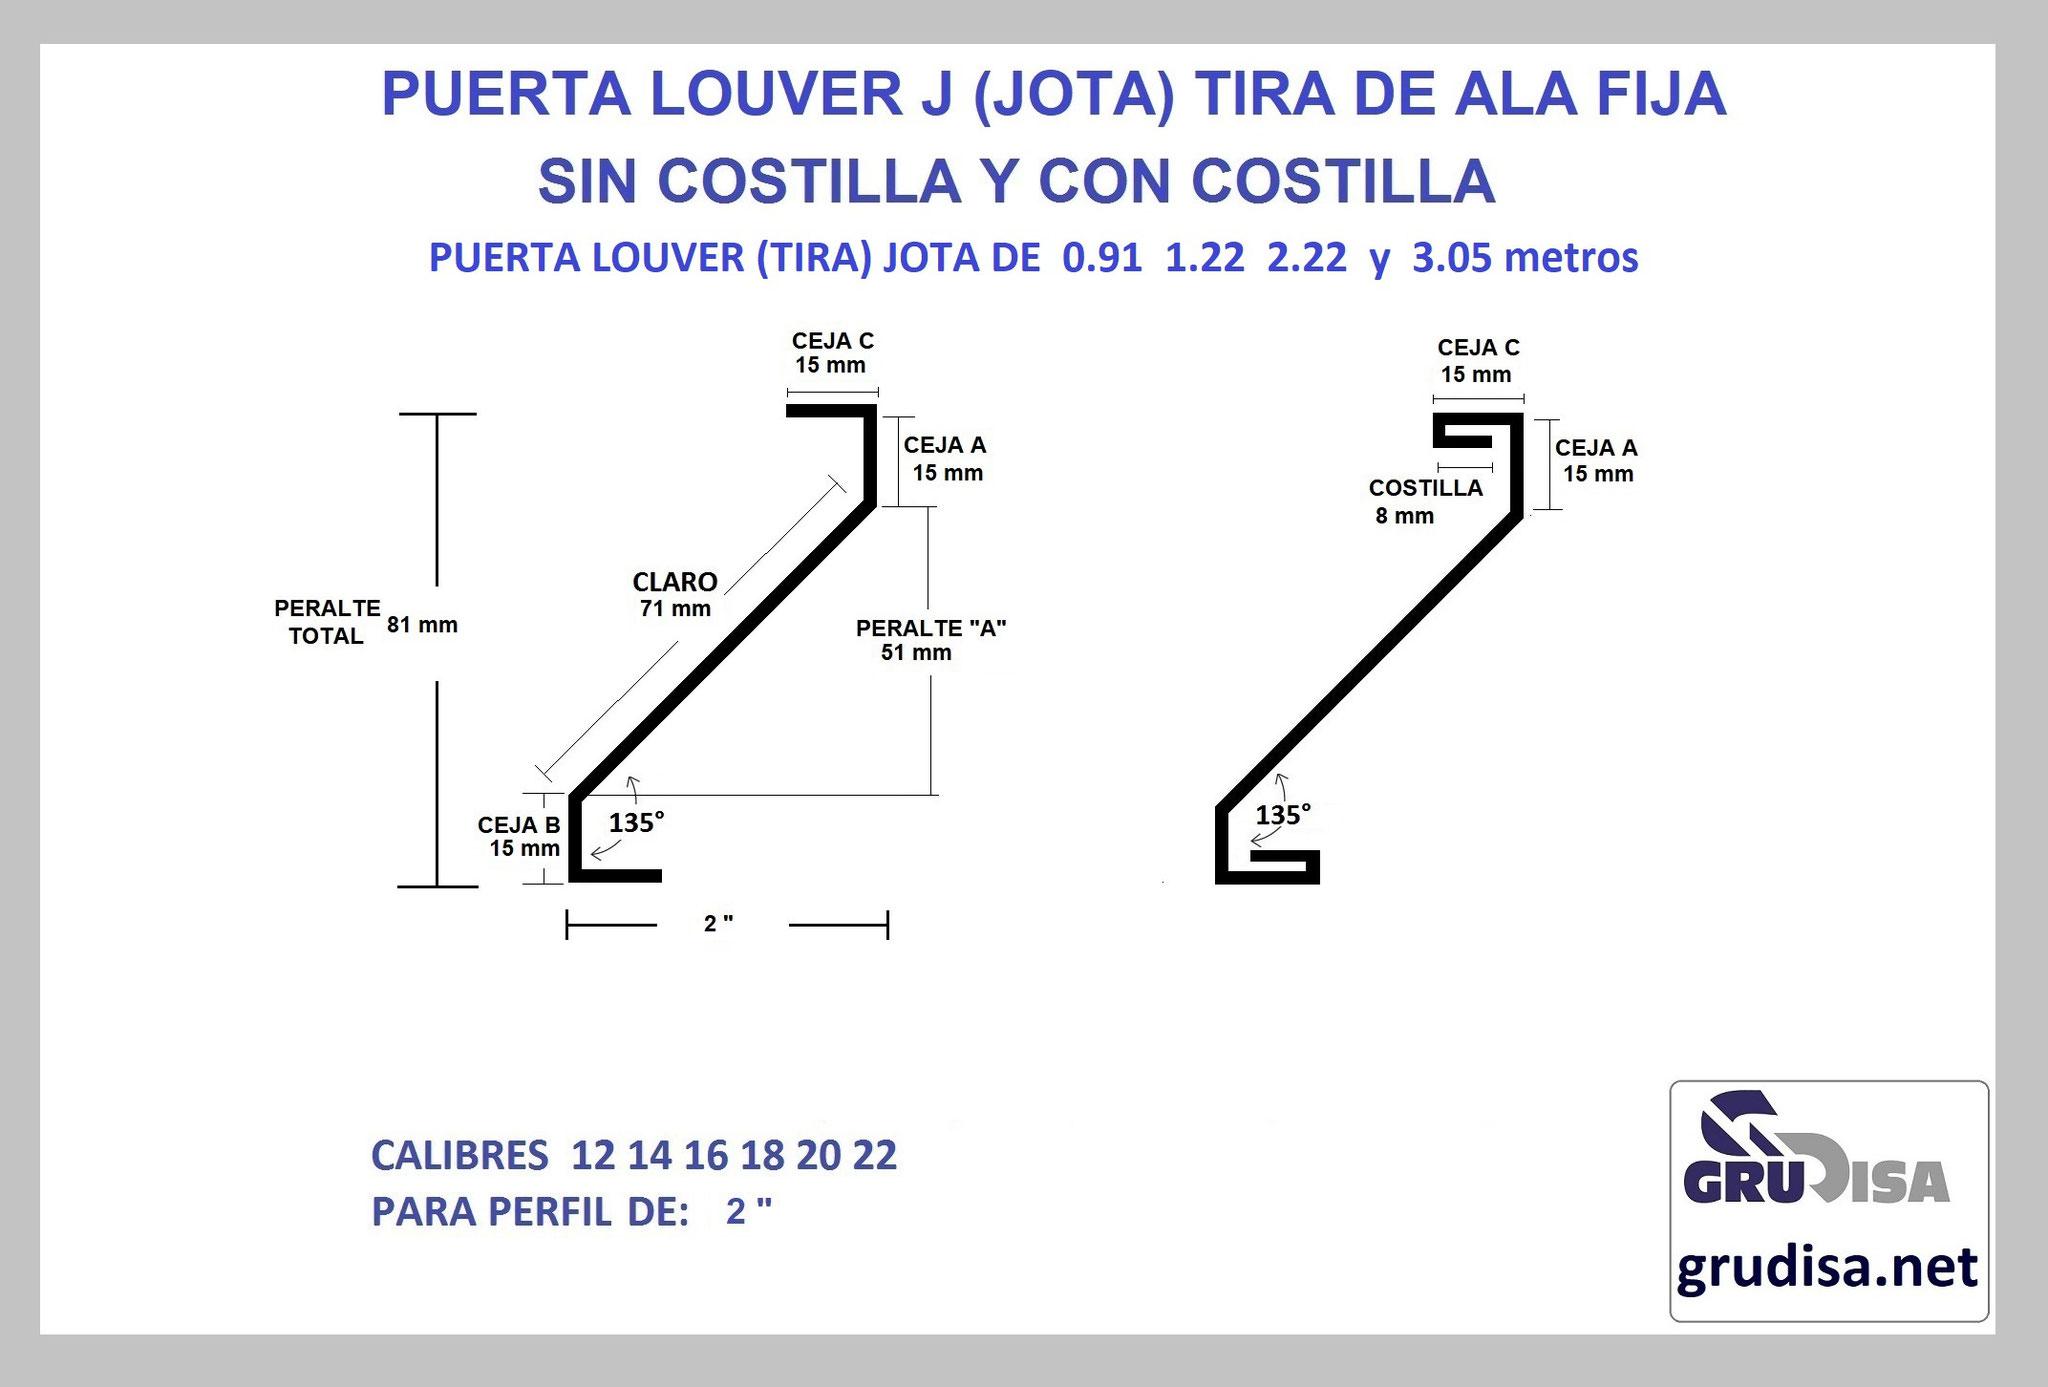 """PUERTA LOUVER (TIRA) J JOTA PARA PERFIL DE 2"""" CON Y SIN COSTILLA LARGOS DE 0.91  1.22  2.44  y 3.05m"""